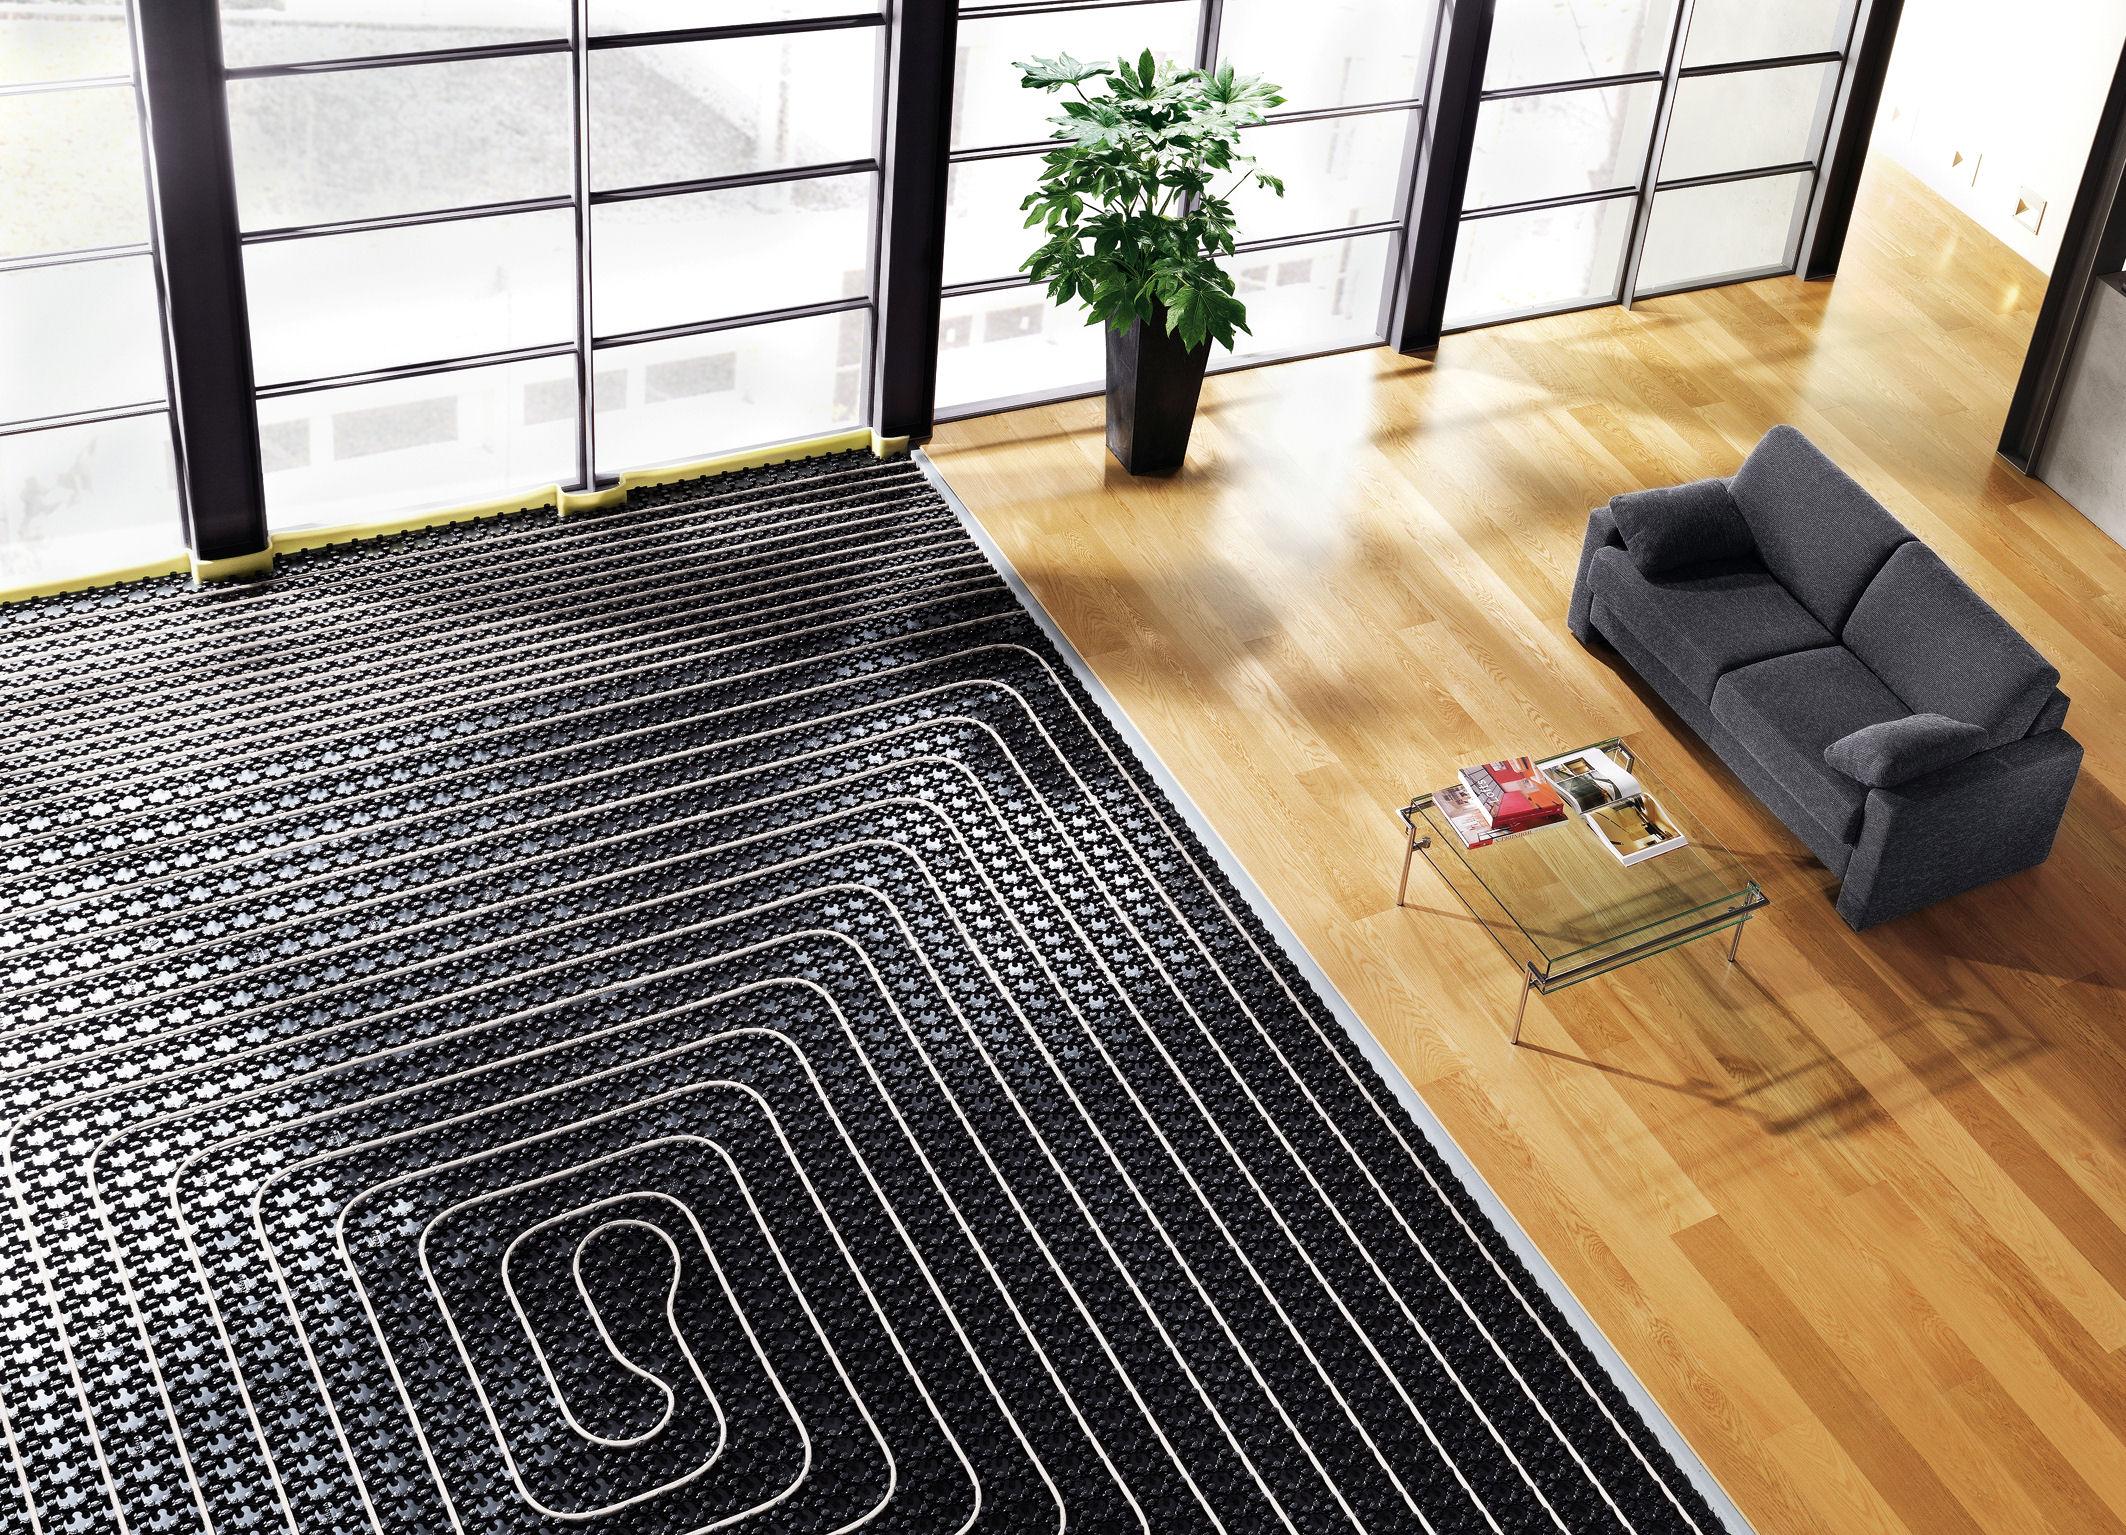 Riscaldamento A Pavimento Tubi il riscaldamento a pavimento e i suoi vantaggi – immobiliare